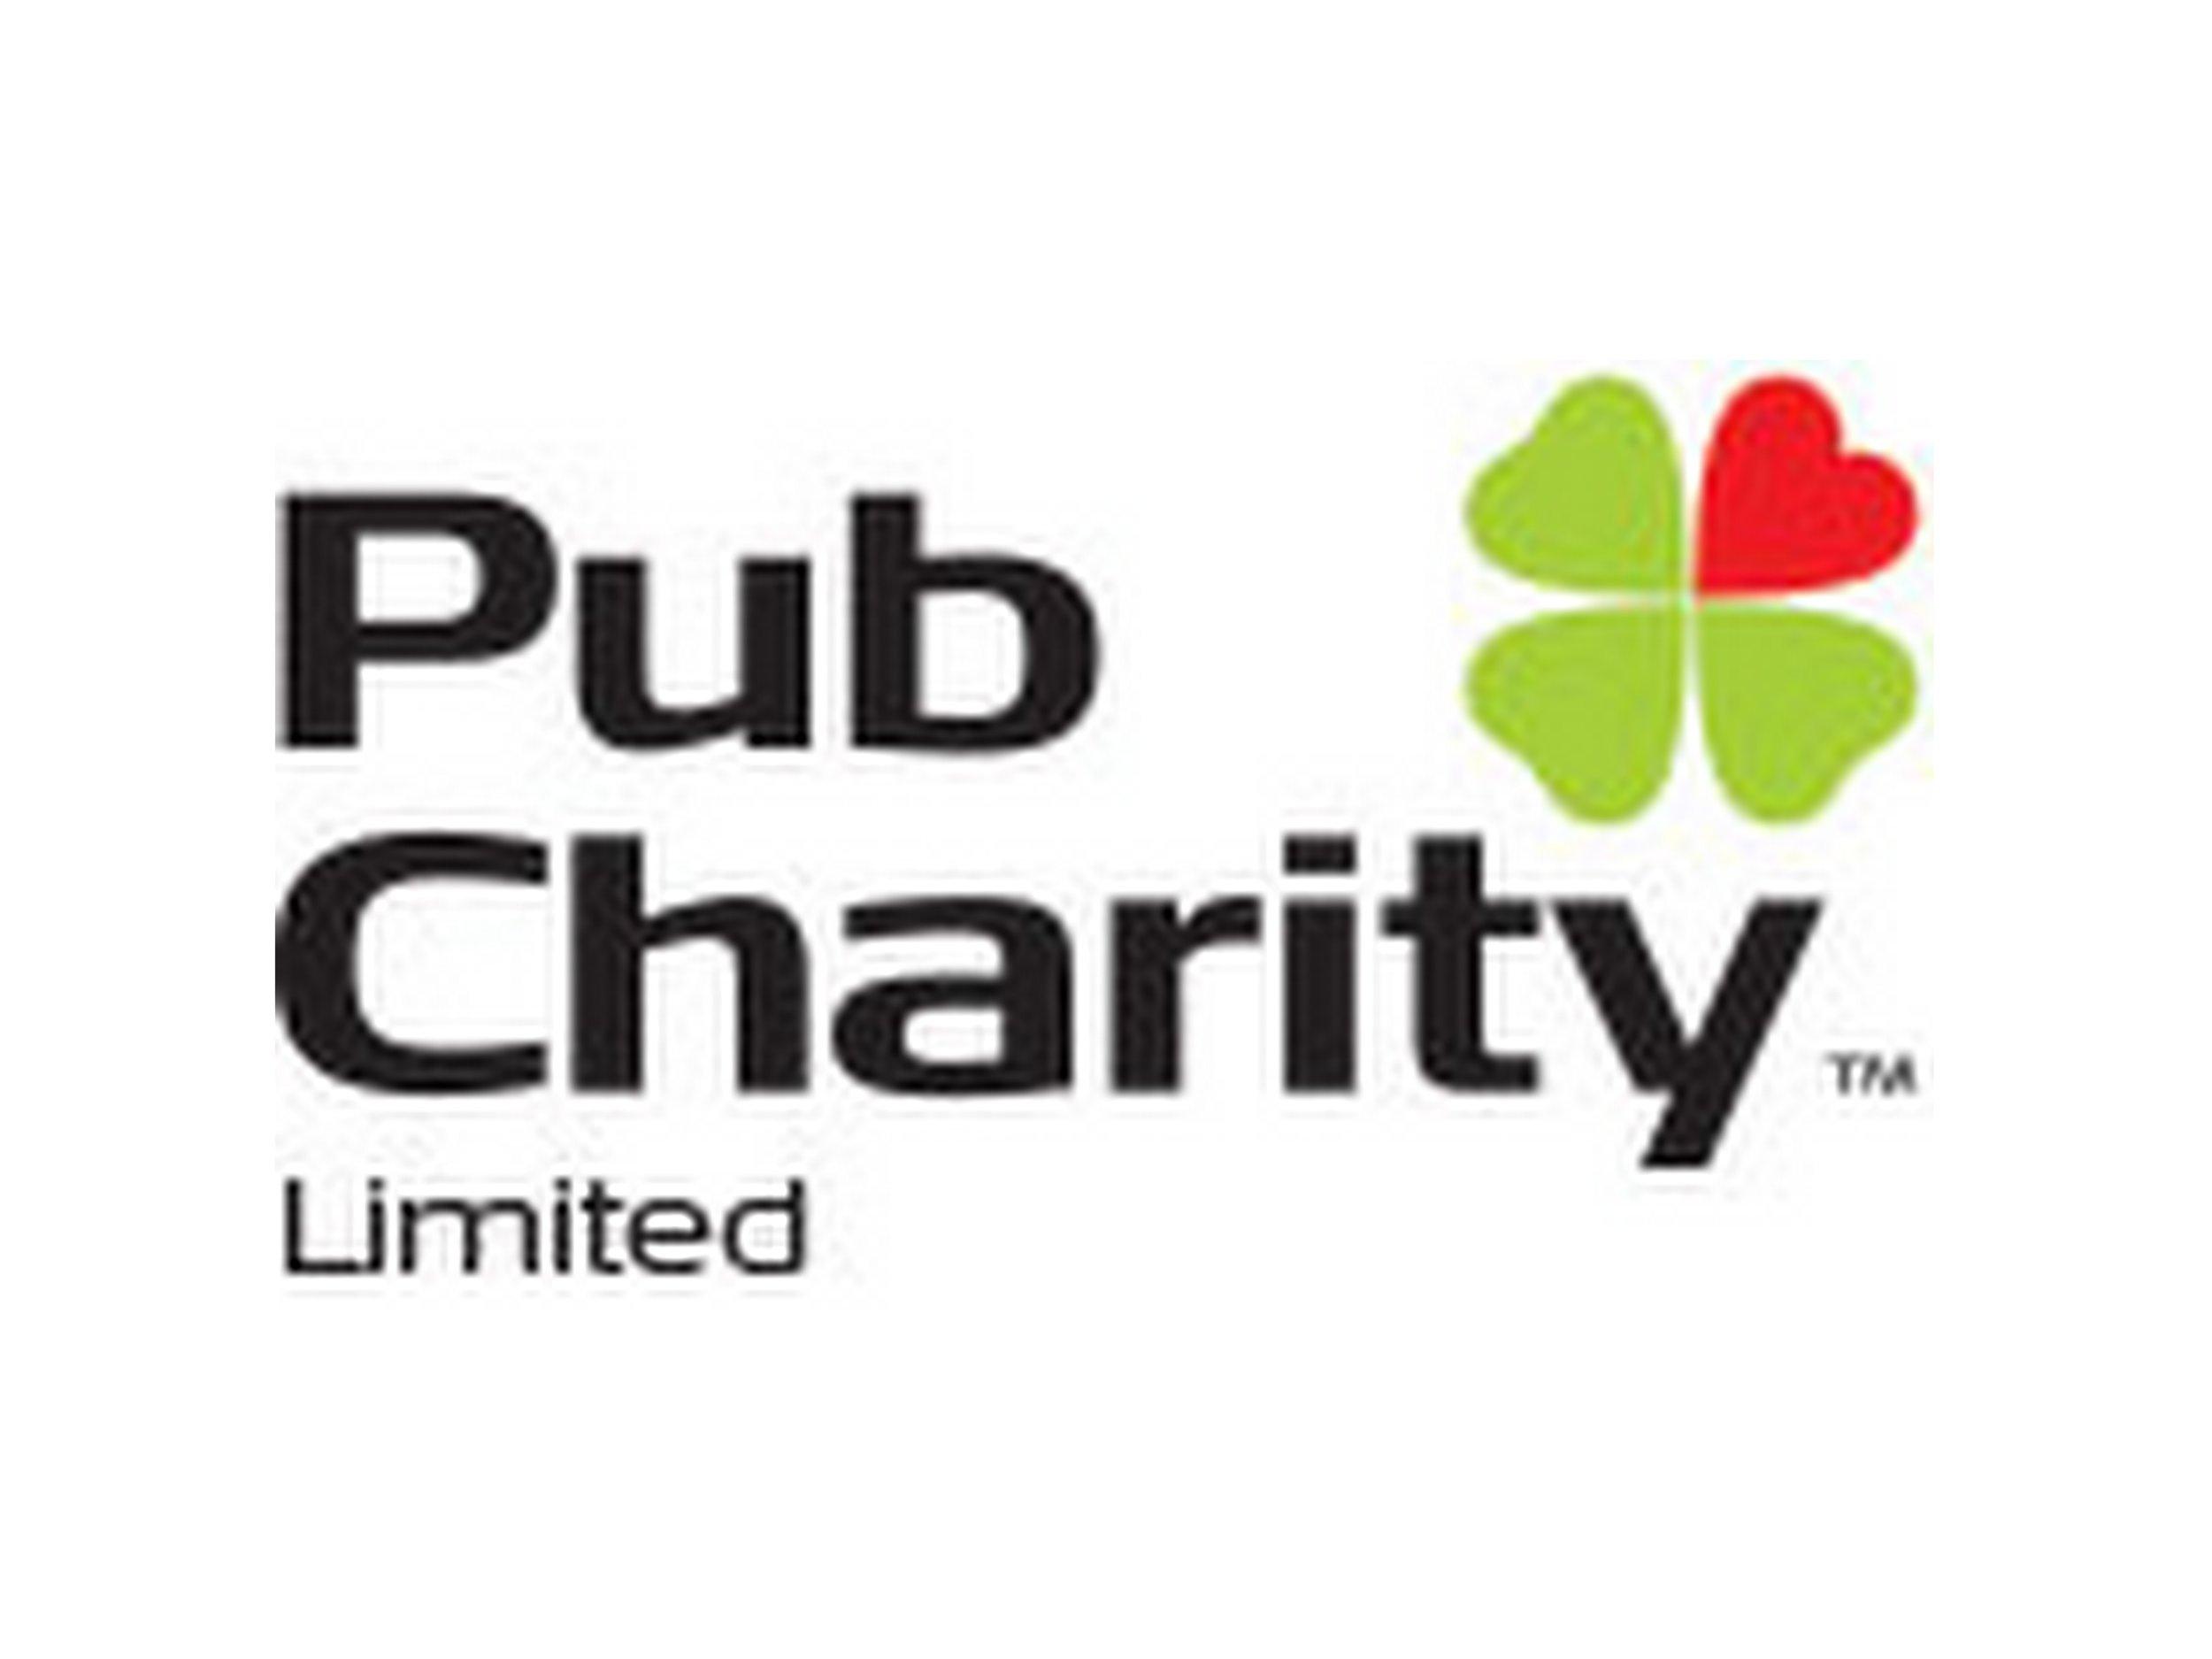 pub chsrity.jpg